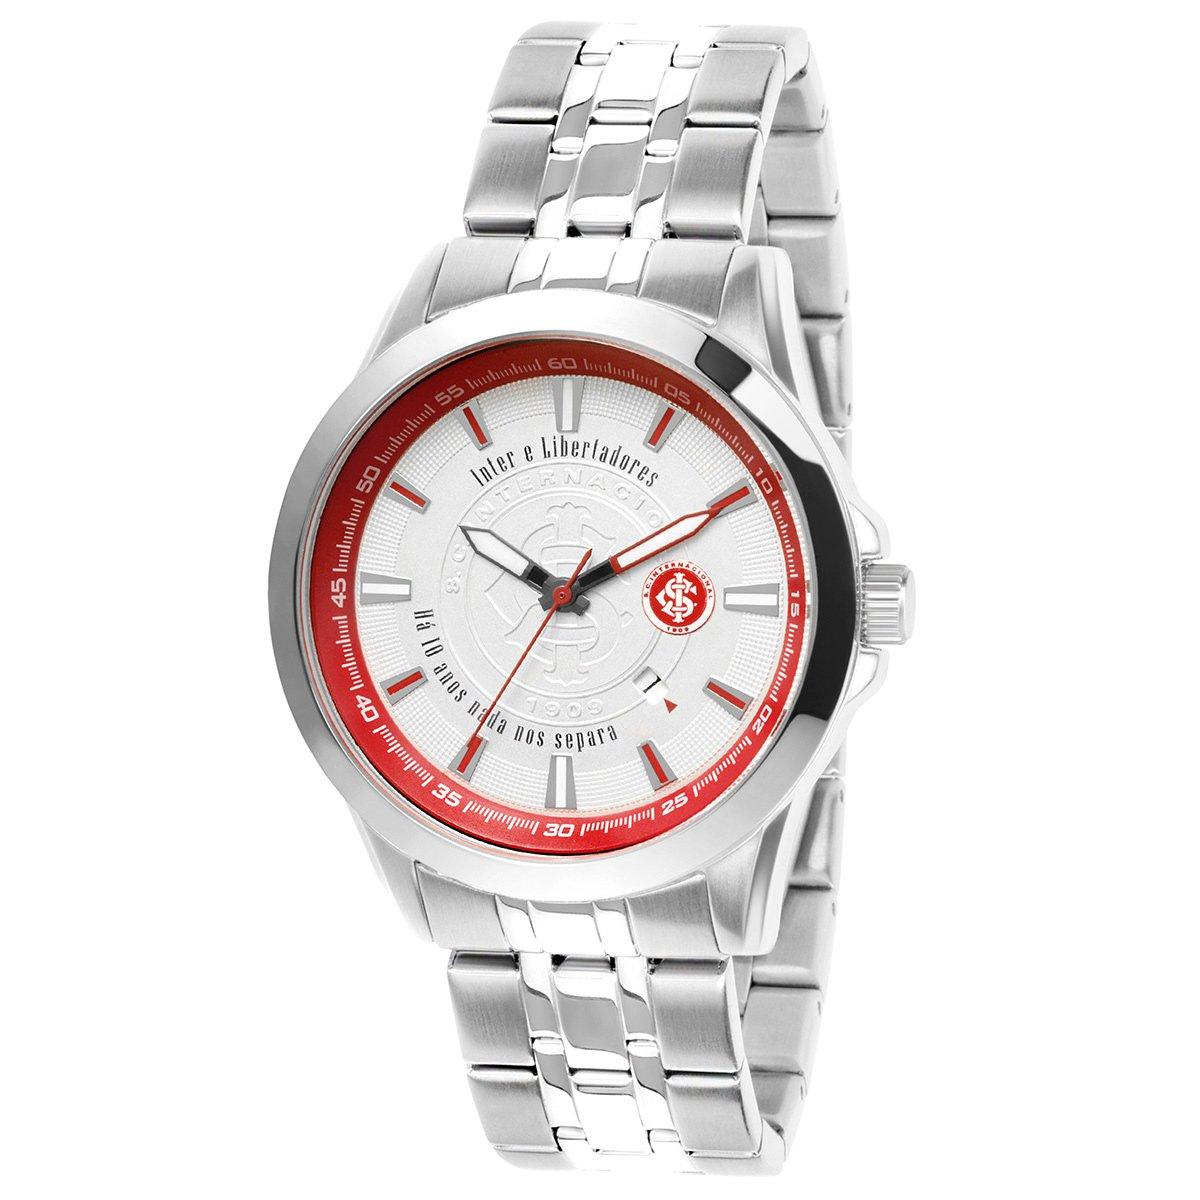 1dbd3feb2 Relógio Internacional Technos Metal Analógico II Calendário - Compre Agora  | Loja do Inter